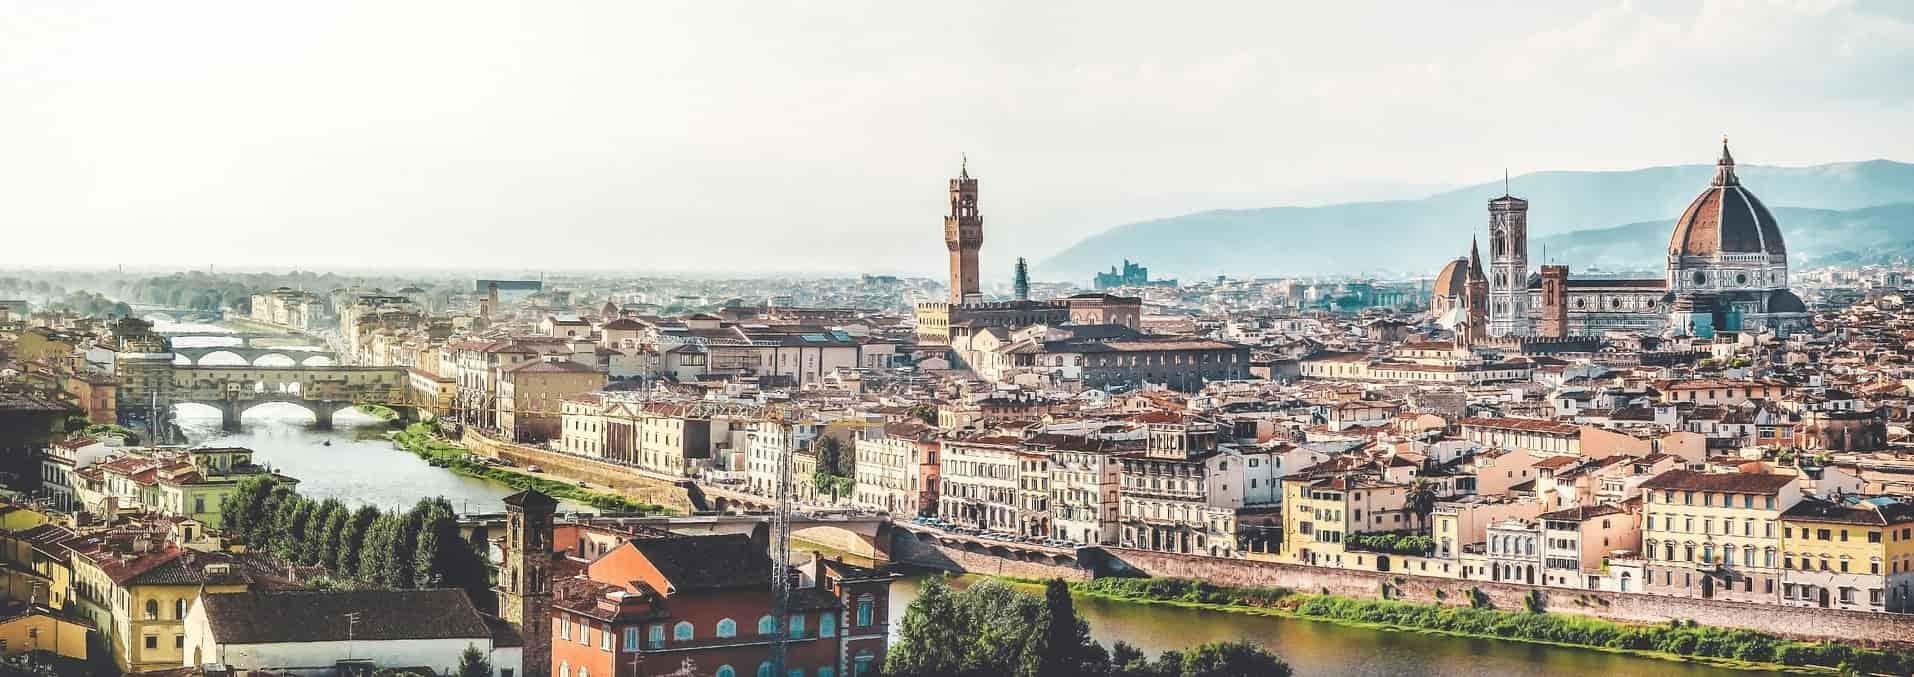 Florenz – Tipps für die Wiege der Renaissance